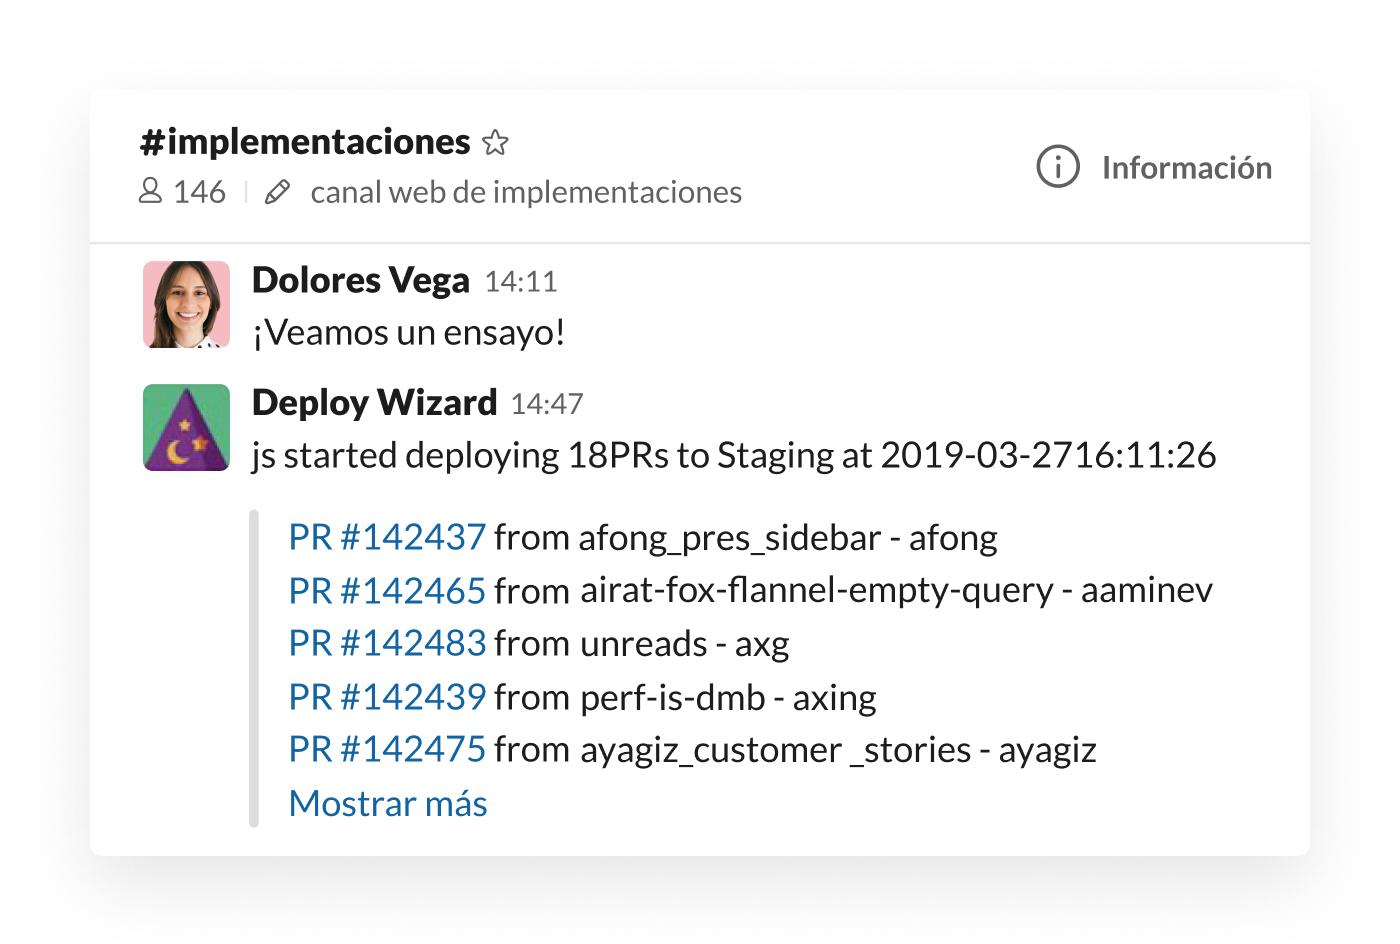 Integración de Deploy Wizard en Slack publicando las actualizaciones del entorno de pruebas